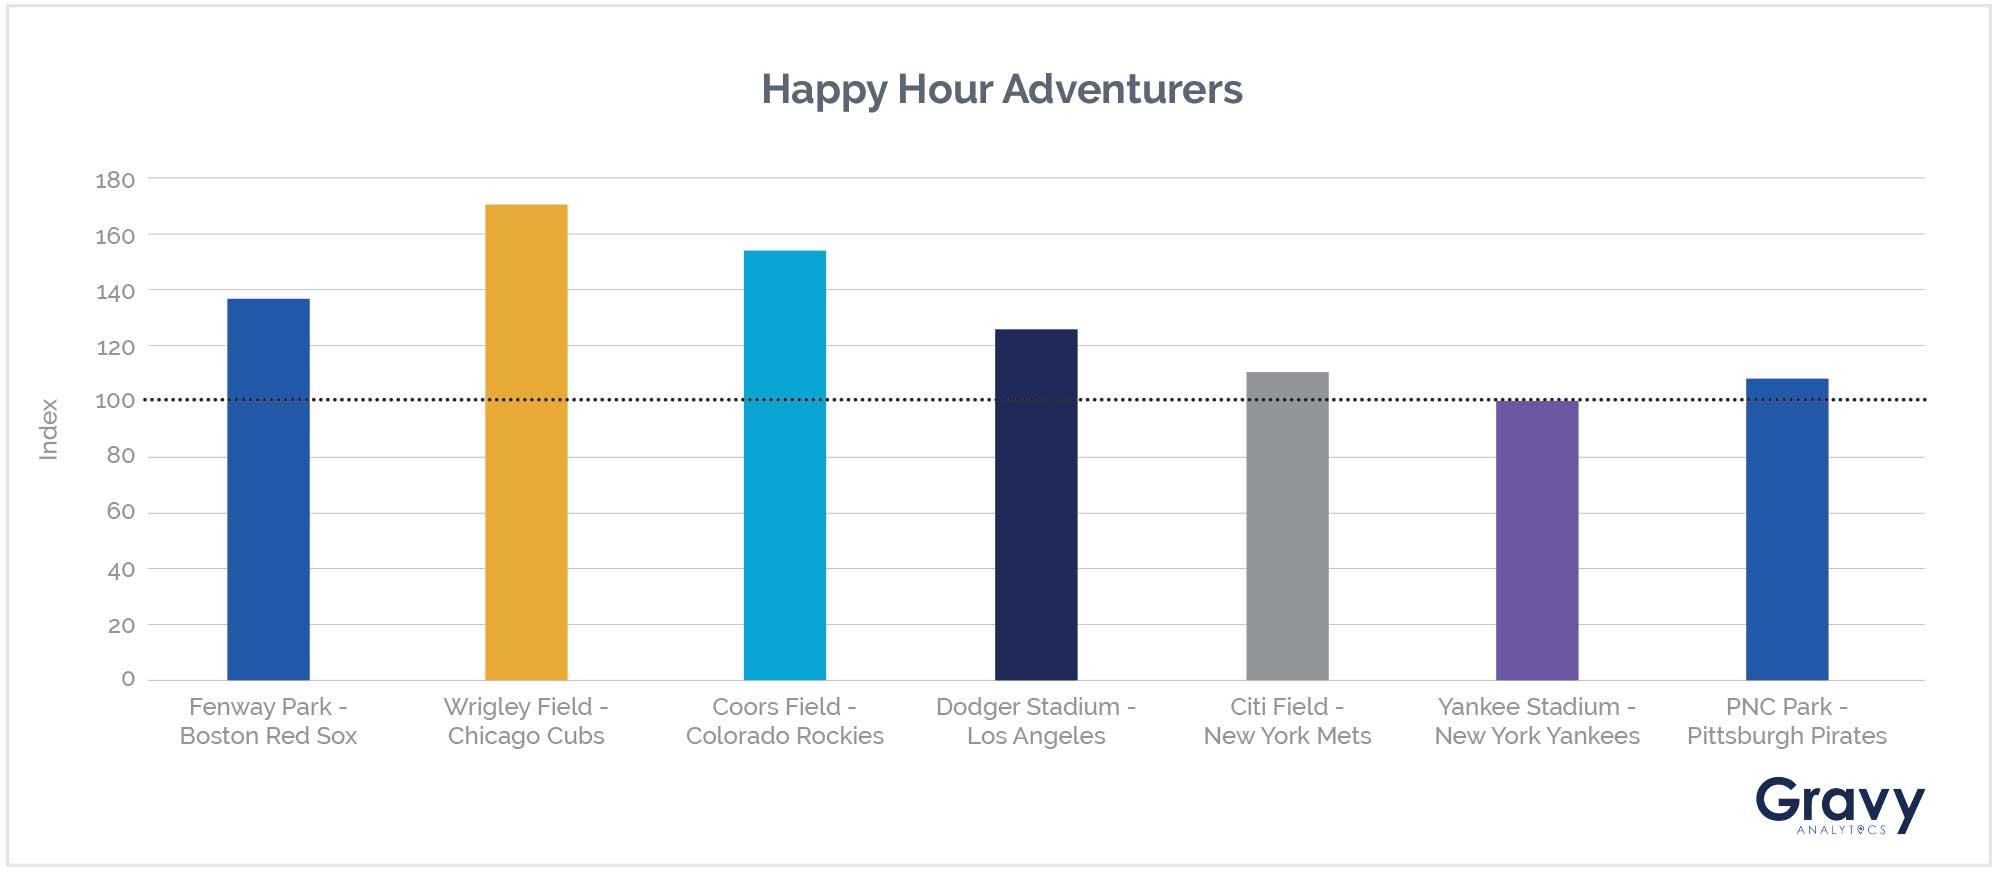 Happy Hour Adventurers Chart